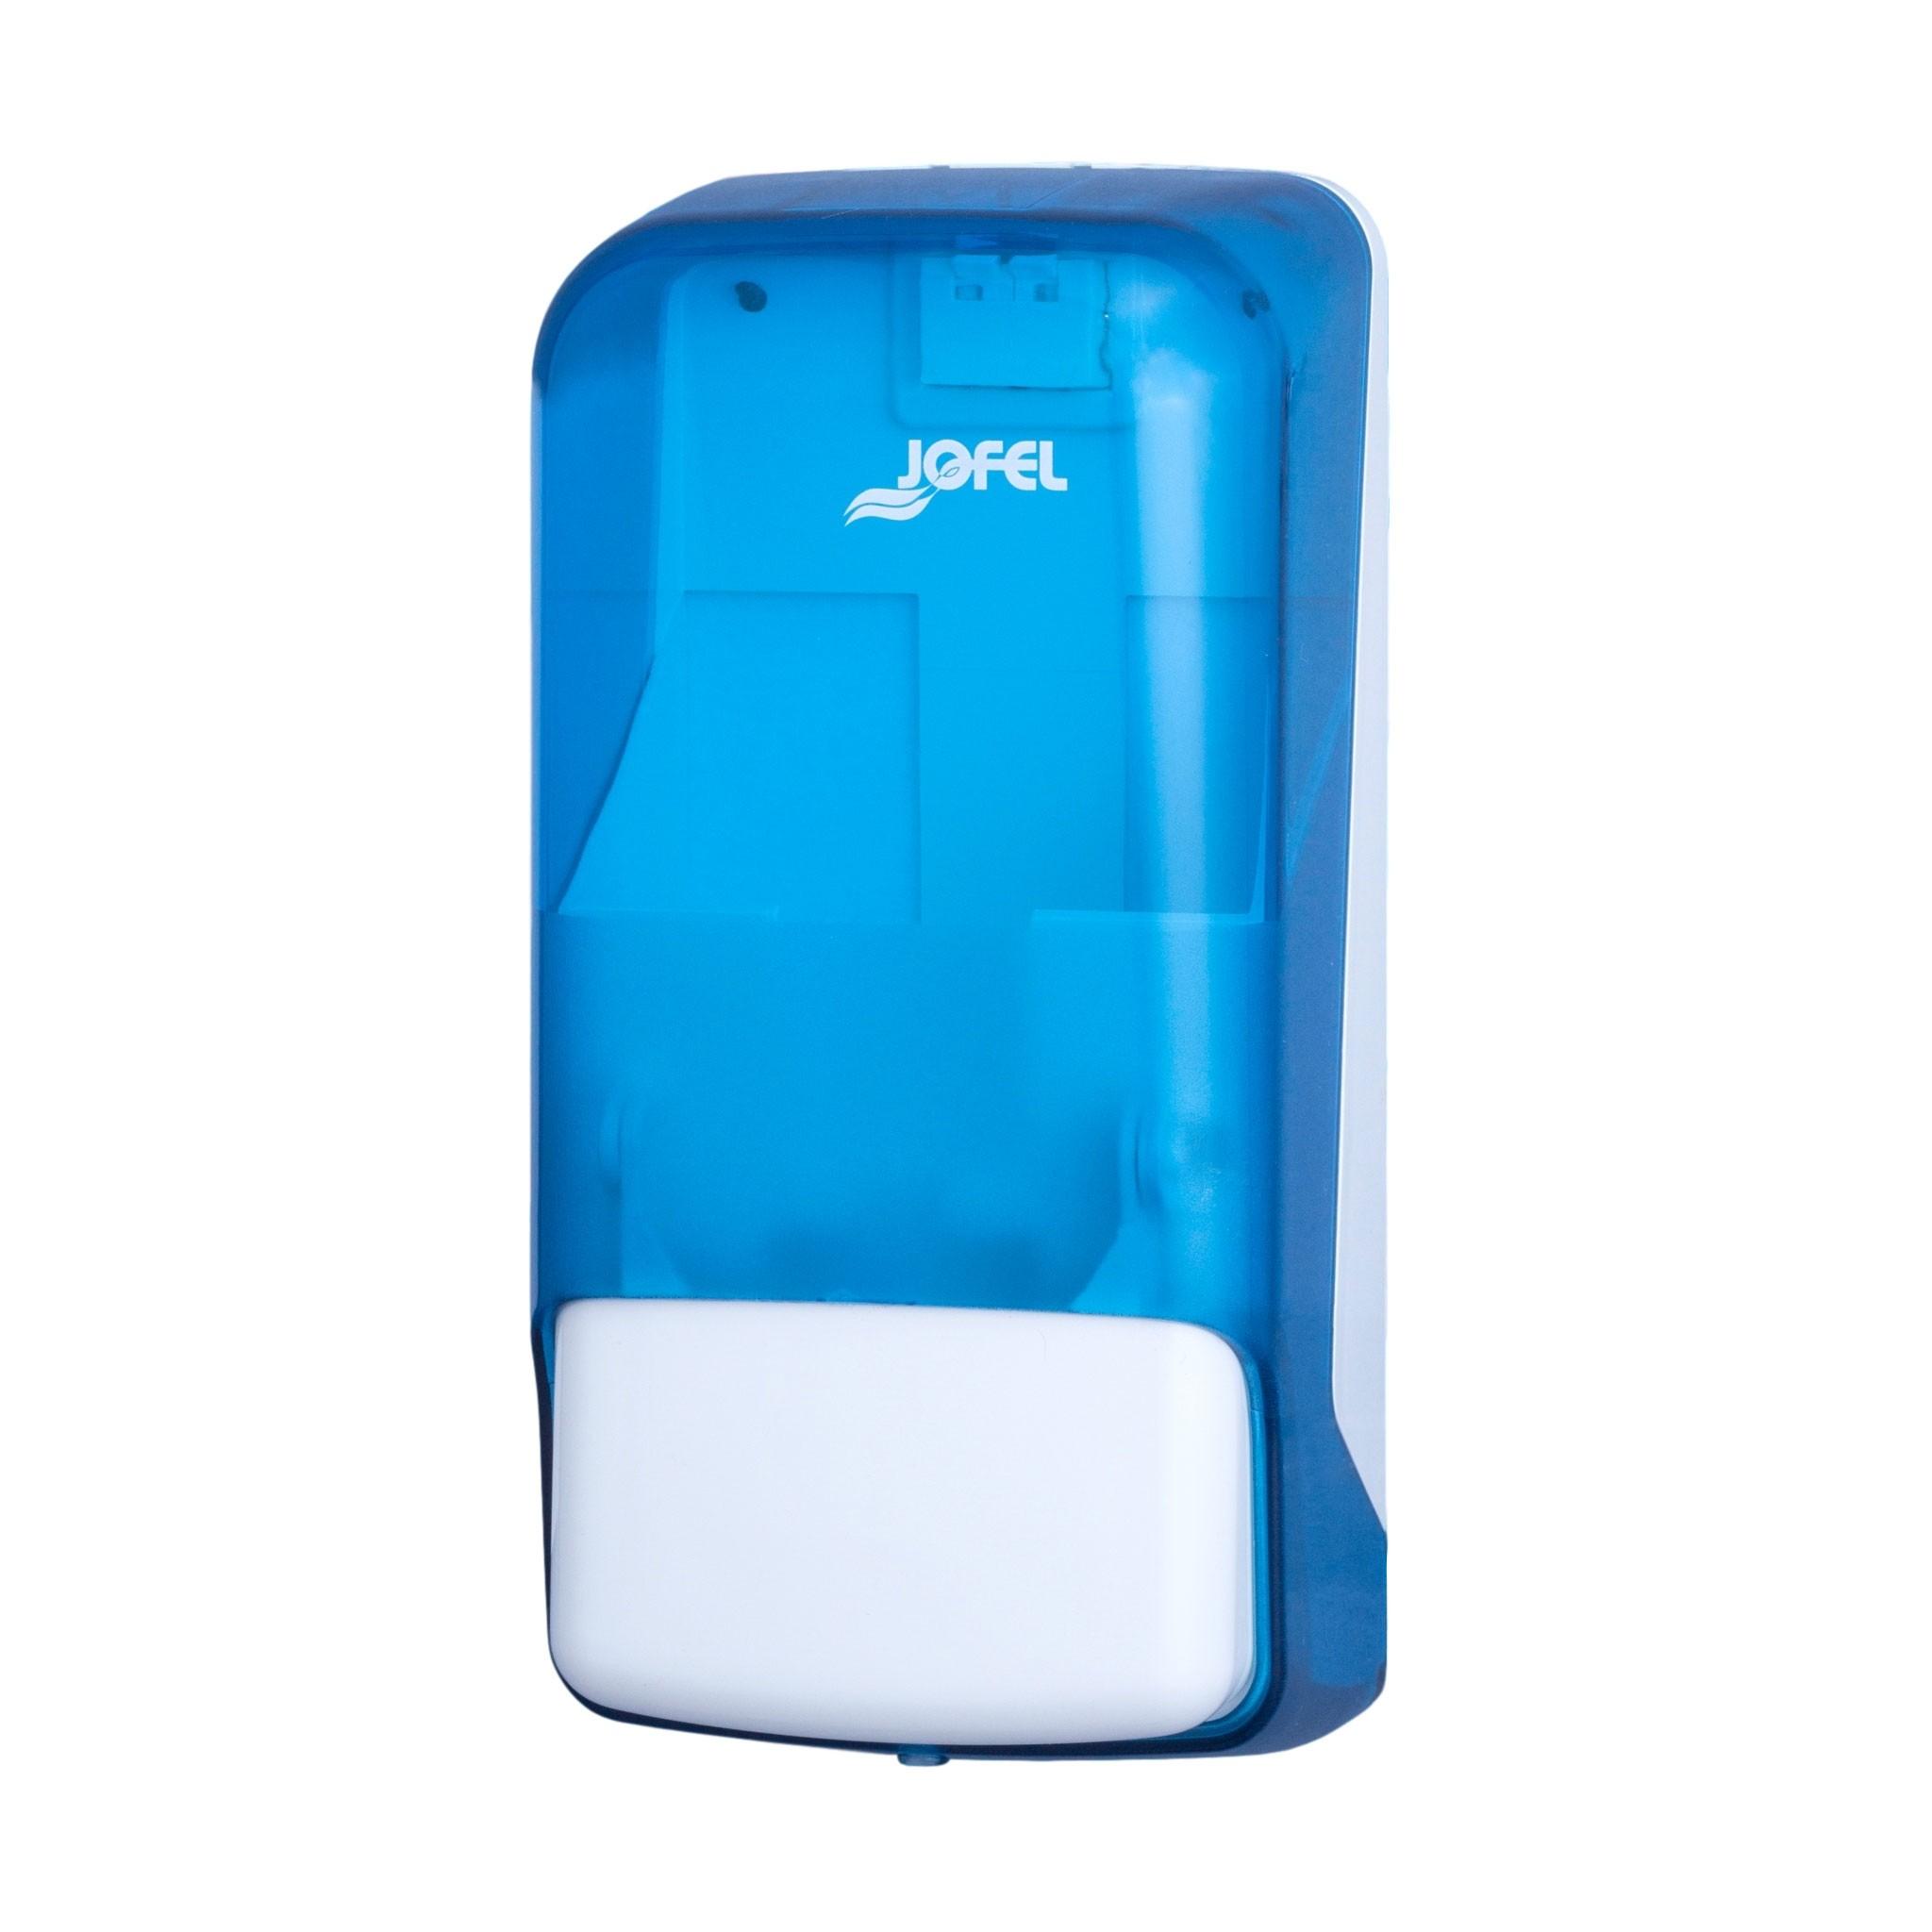 Πλαστική σαπουνοθήκη Jofel Azur Blue AC81250